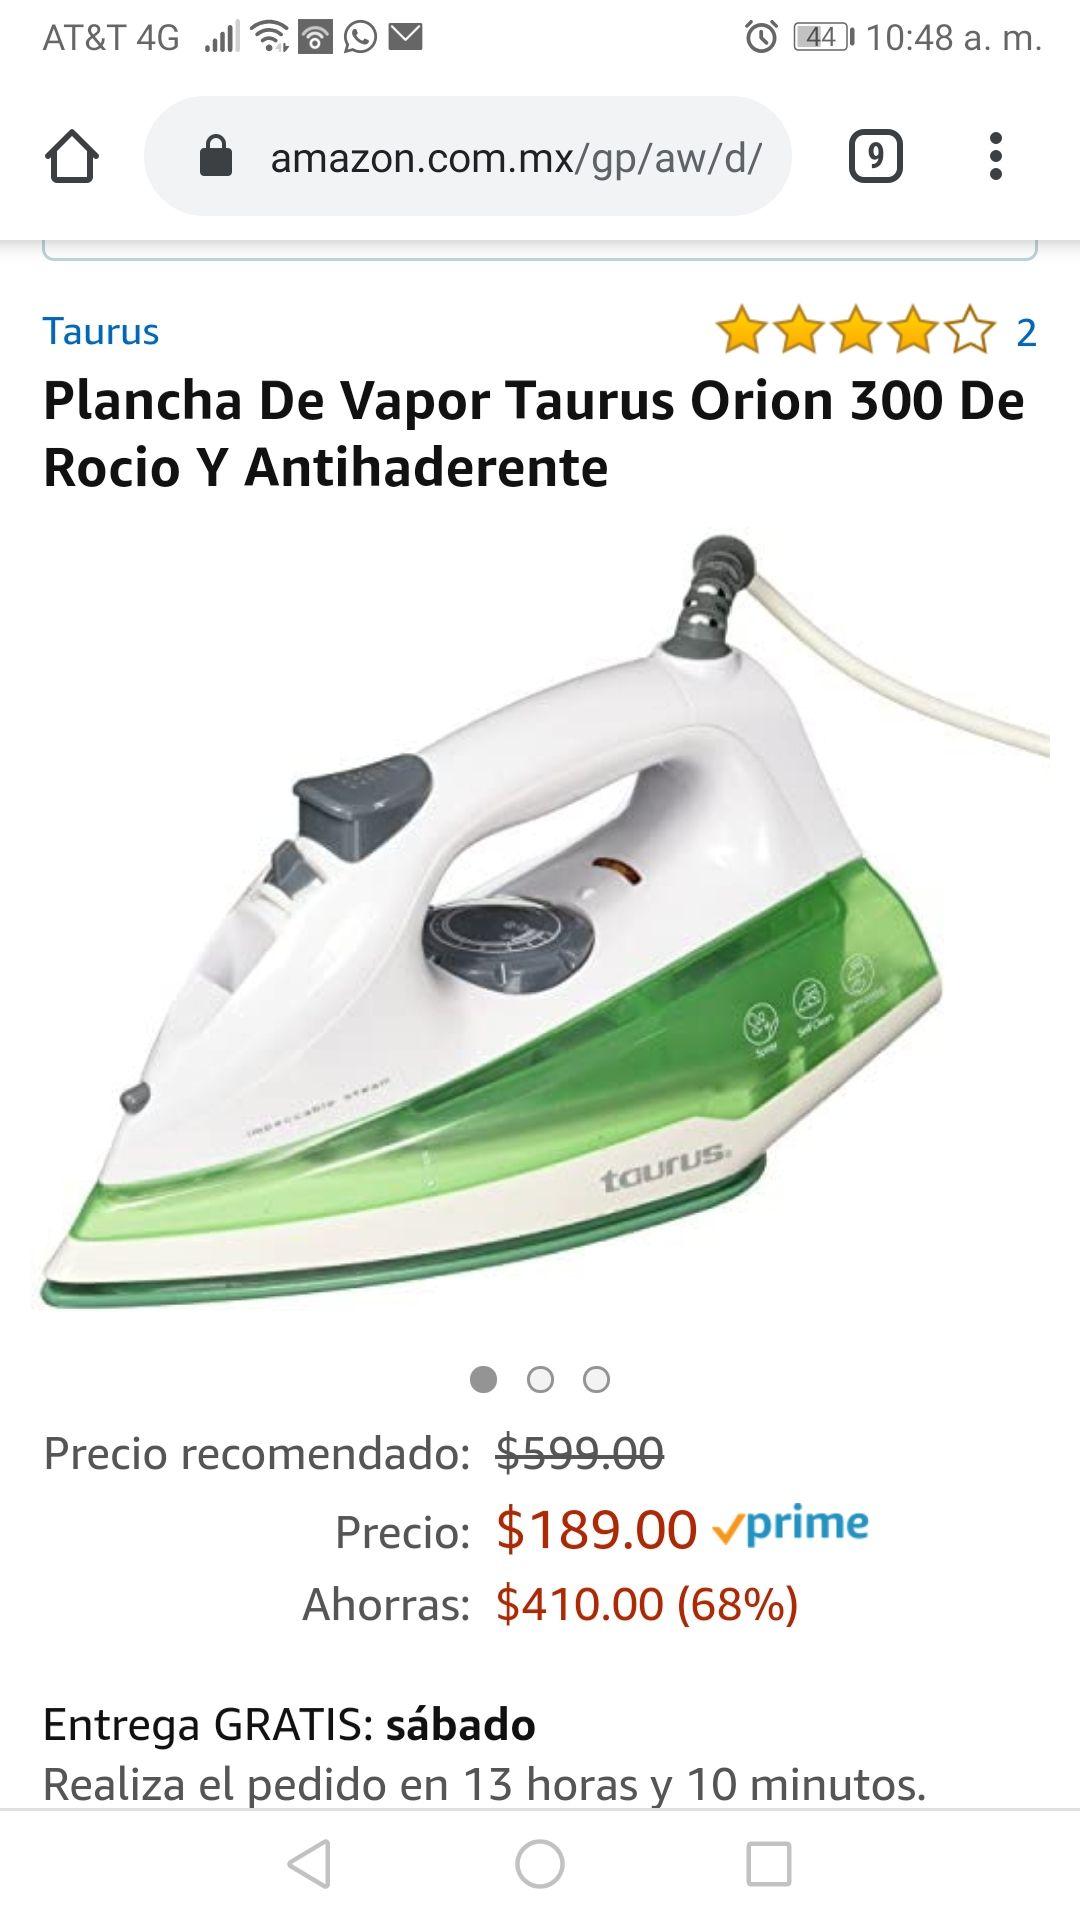 Amazon: Plancha de Vapor Taurus Orion 300